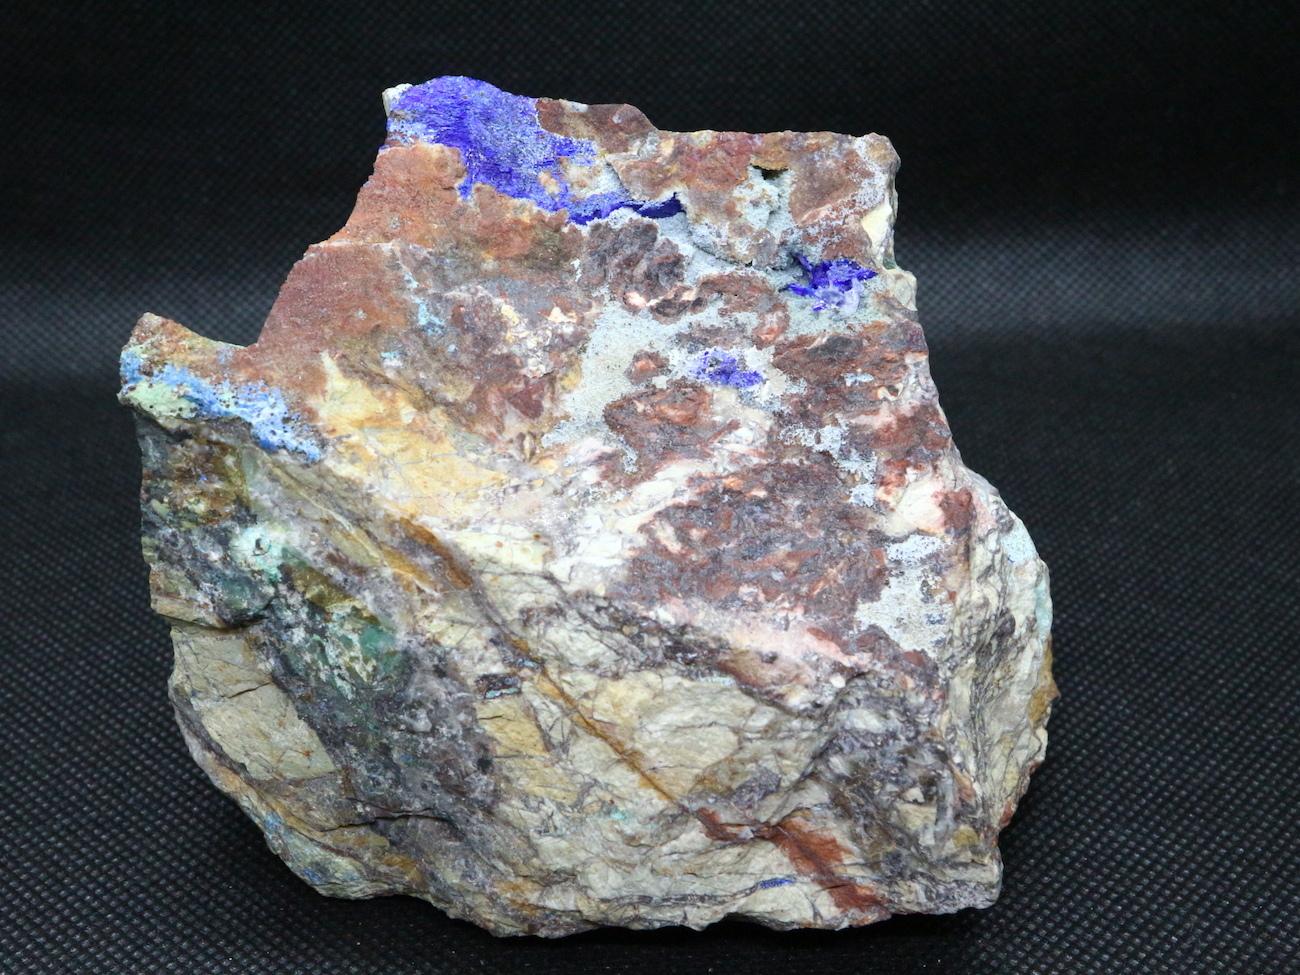 アリゾナ産 リナライト Linarite (青鉛鉱) 776,9g LN004 鉱物 原石 天然石 パワーストーン